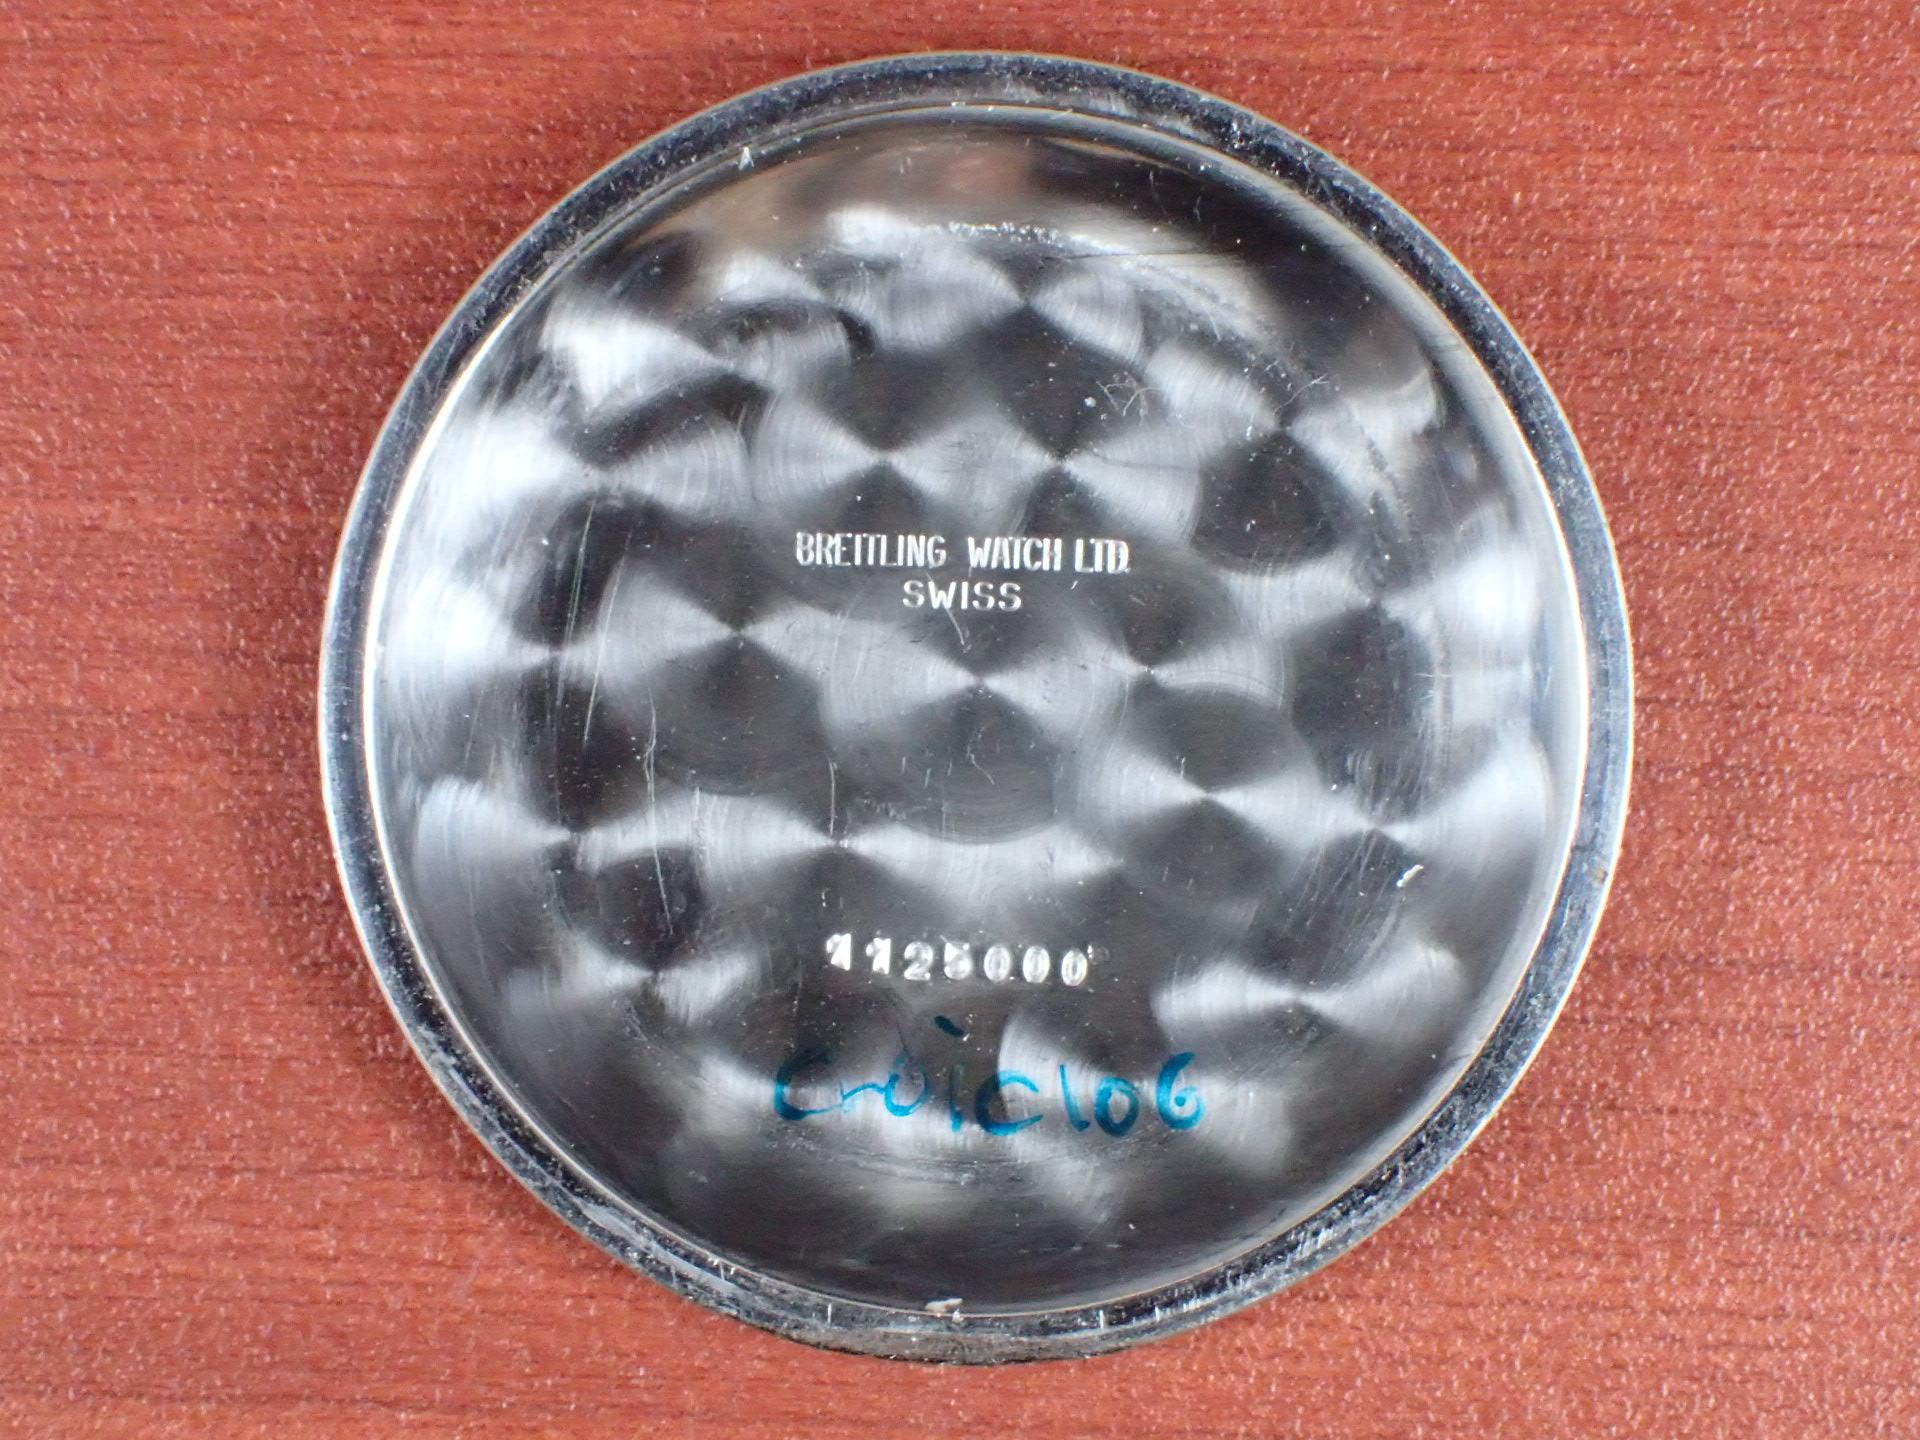 ブライトリング コスモノート ナビタイマー Ref.809 24時間時計 1960年代の写真6枚目